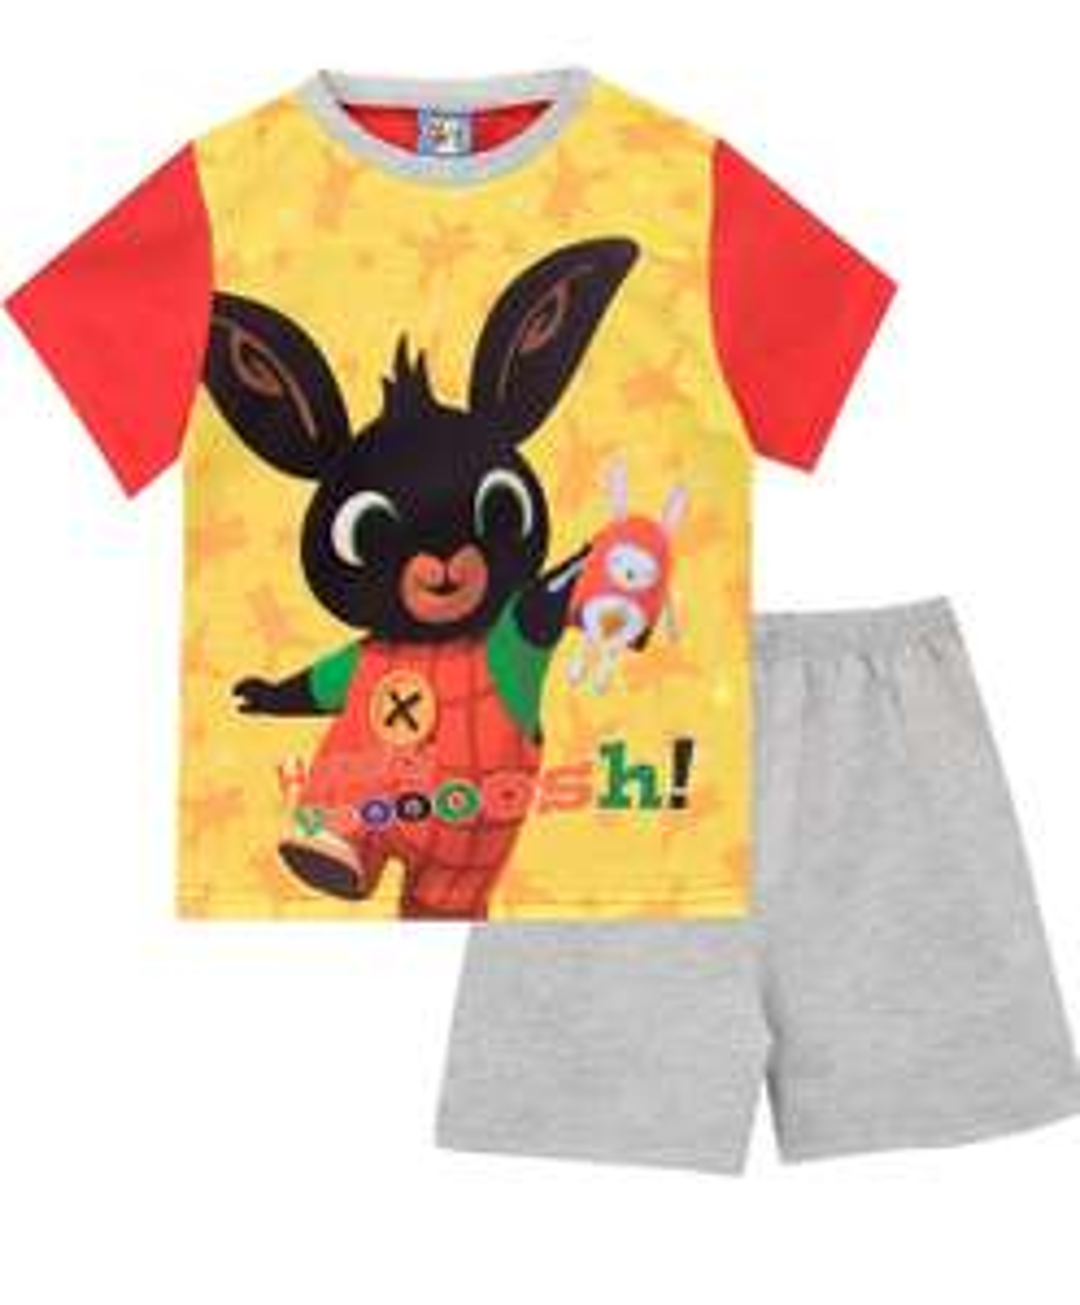 Bing boys pyjamas age 3-4 for £5.25 Prime / +£4.49 non Prime at Amazon